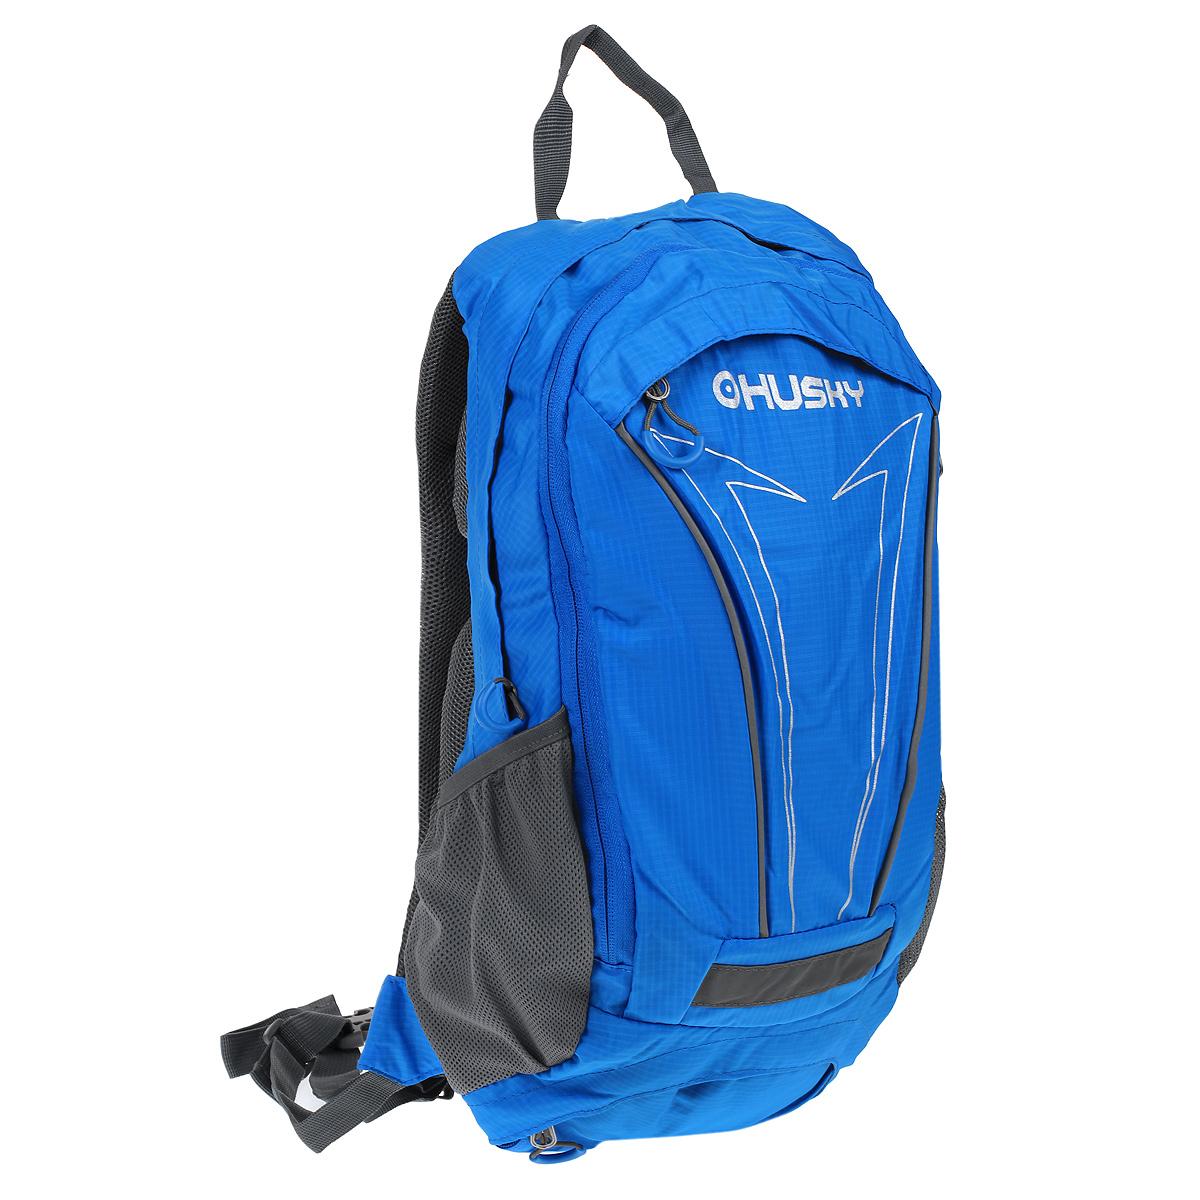 Рюкзак городской Husky Balot 12, цвет: синийRivaCase 8460 blackУниверсальный рюкзак Balot подойдет не только для городского ритма жизни, но и еще и для велосипедных прогулок. Сдержанный (почти, однотонный) дизайн, найдет своих сторонников и среди тех, кто любит классические окраски, и среди поклонников яркого дизайна.Особенности:-водонепроницаемая ткань,-система вентиляции спины AMS, -внутренний органайзер,-место для питьевой системы, -накидка от дождя,-боковые карманы-сетки, -светоотражающие элементы.